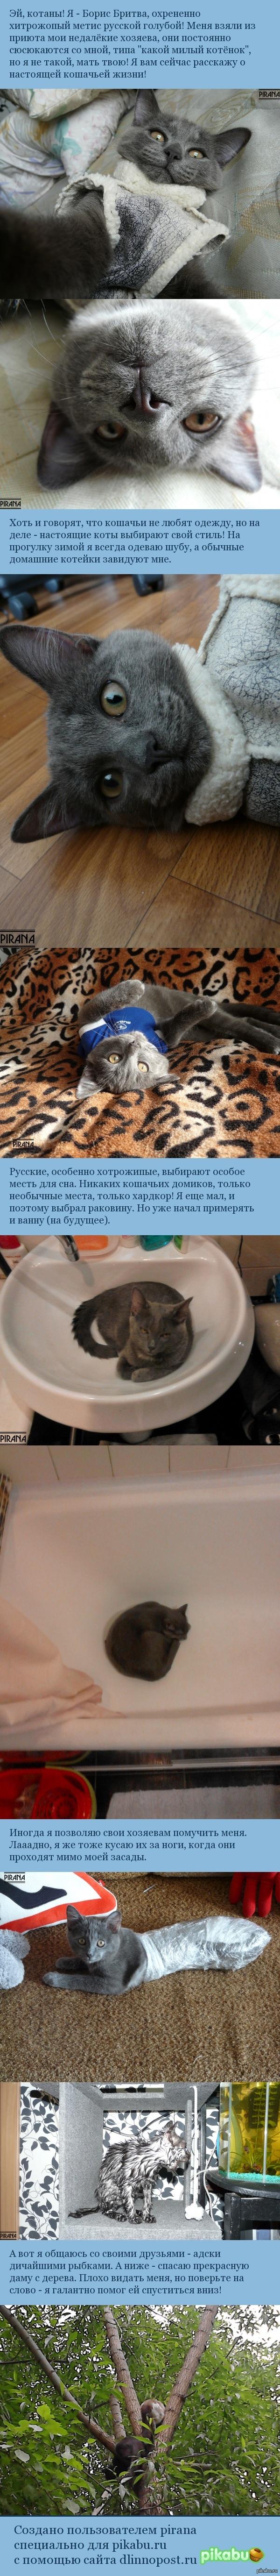 Котообзор от Бориса Наш кот Борис Бритва видел много всяких постов про котов и обижался, что про него никто не пишет. И вот настал его час.